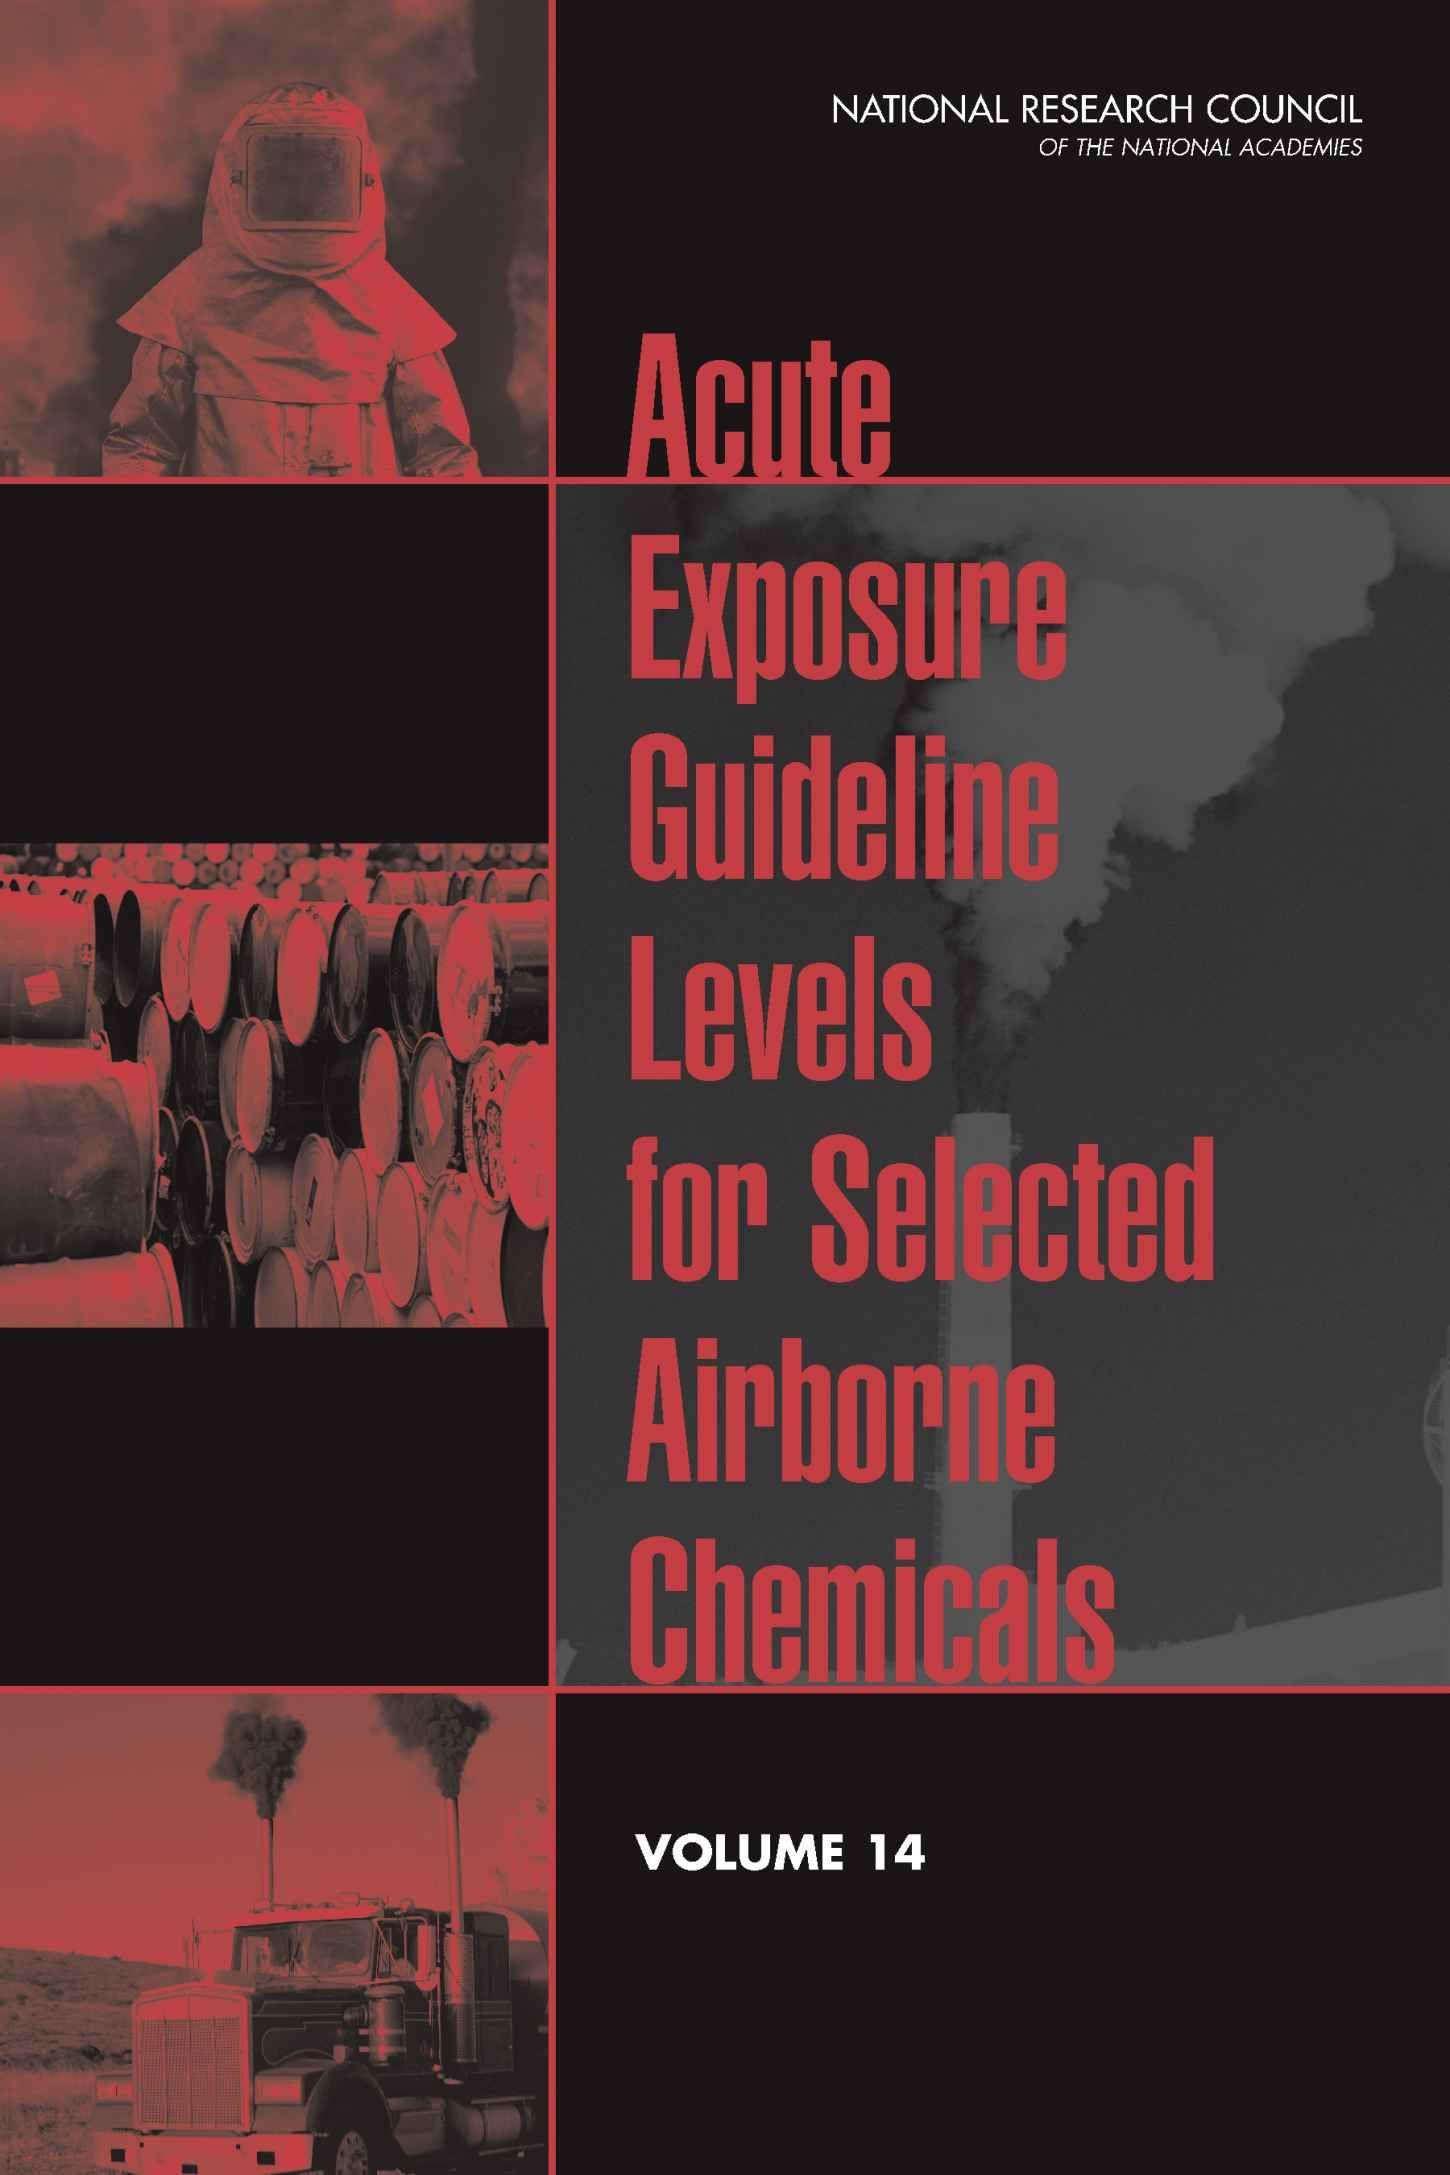 Week of August 26, 2013 Environmental studies, Airborne